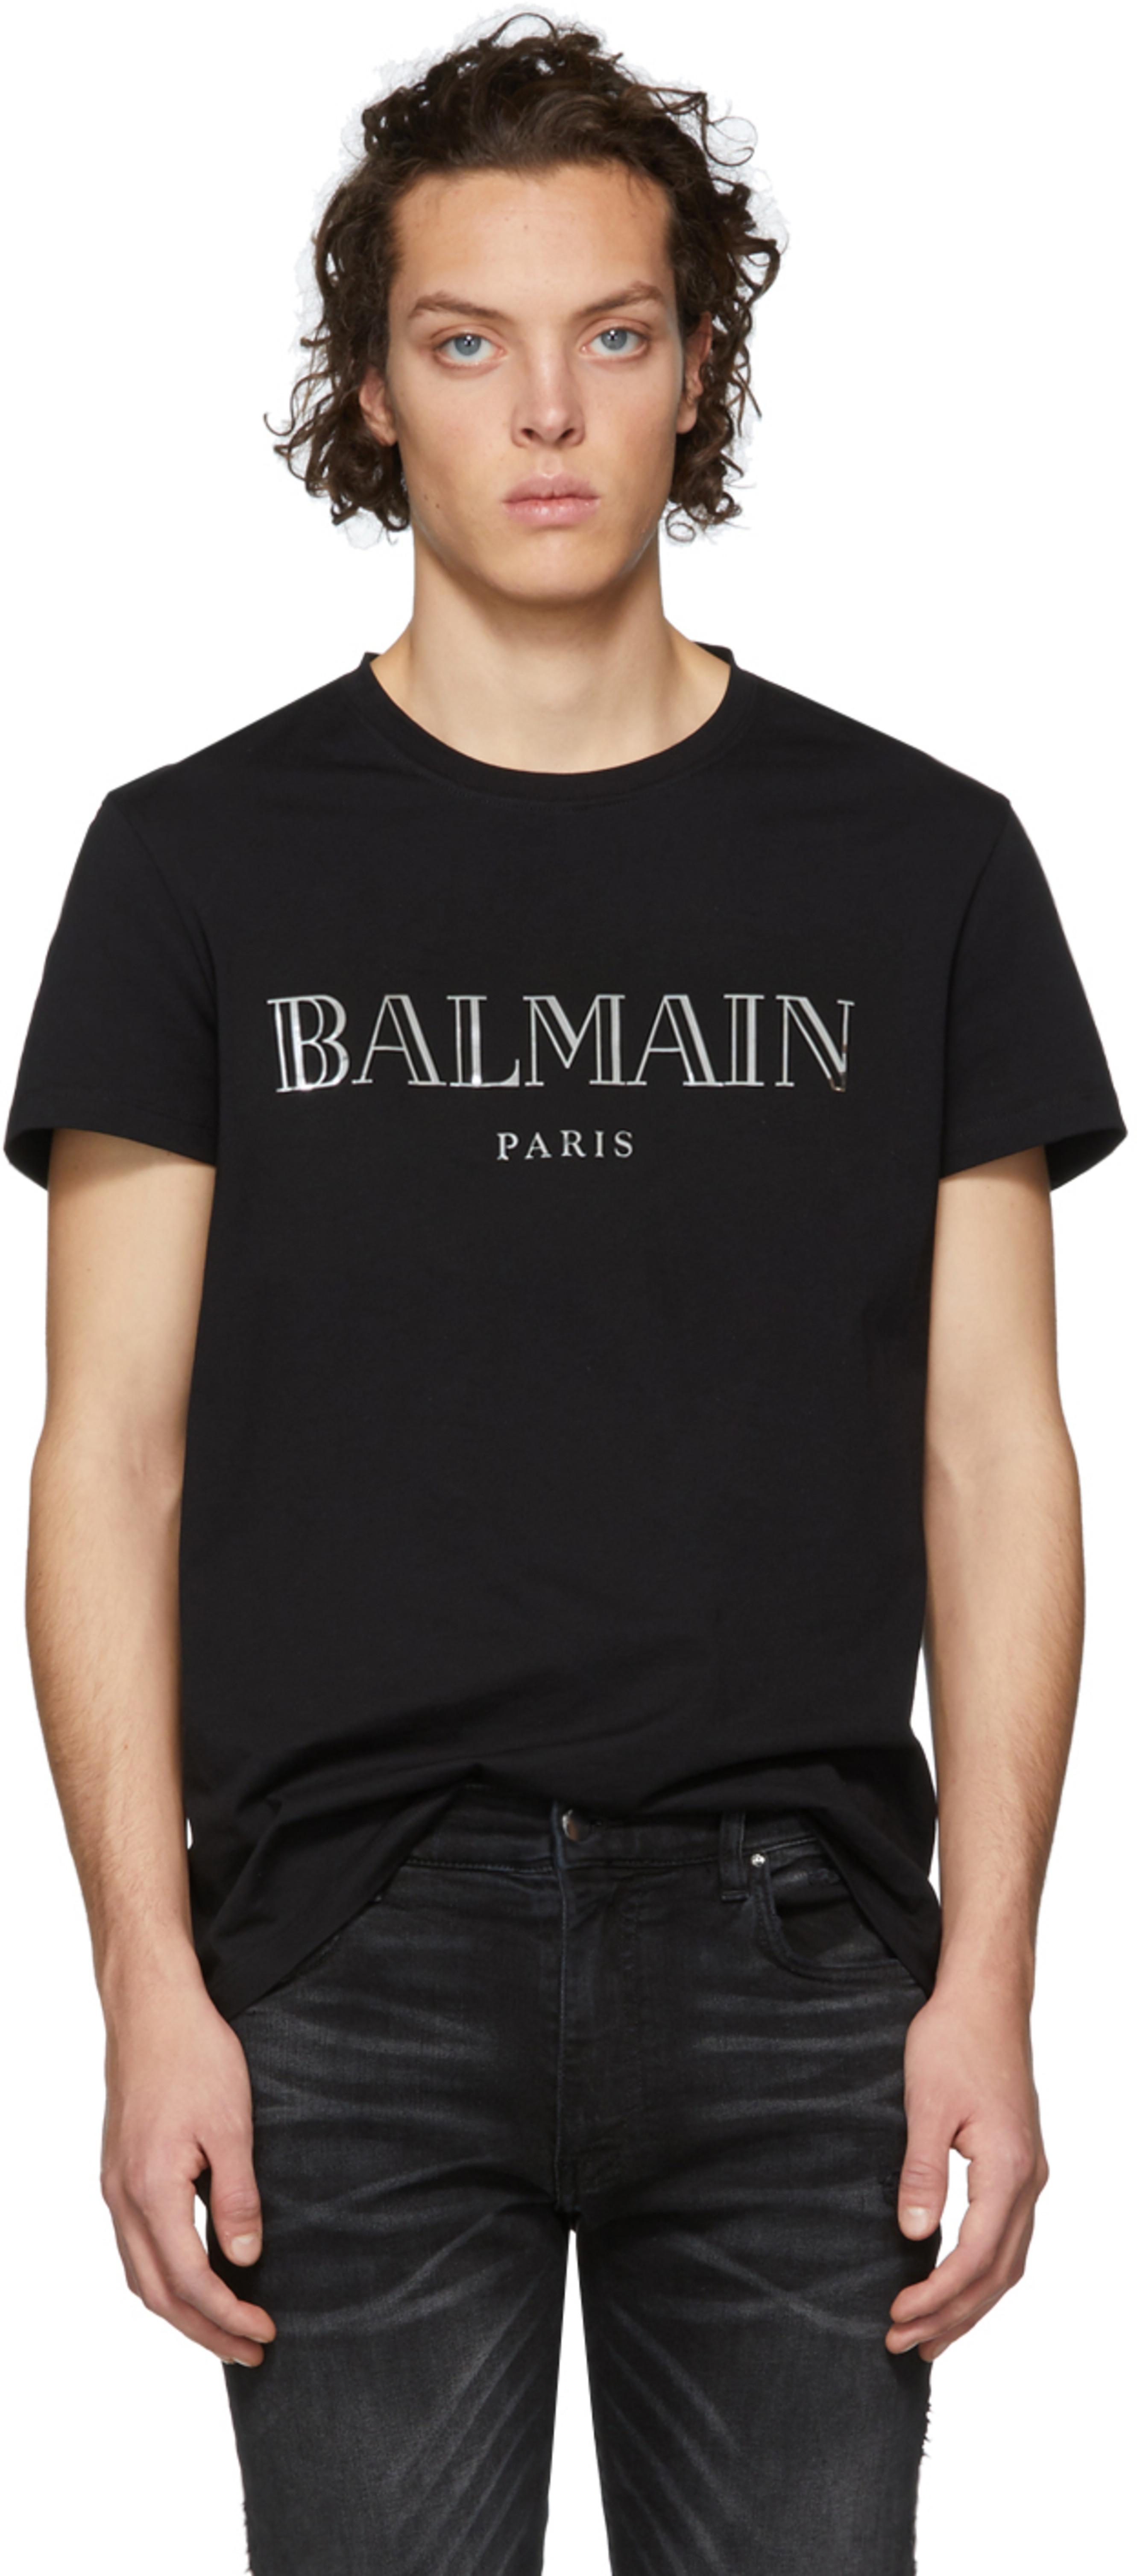 0c76725b6 Balmain t-shirts for Men   SSENSE Canada